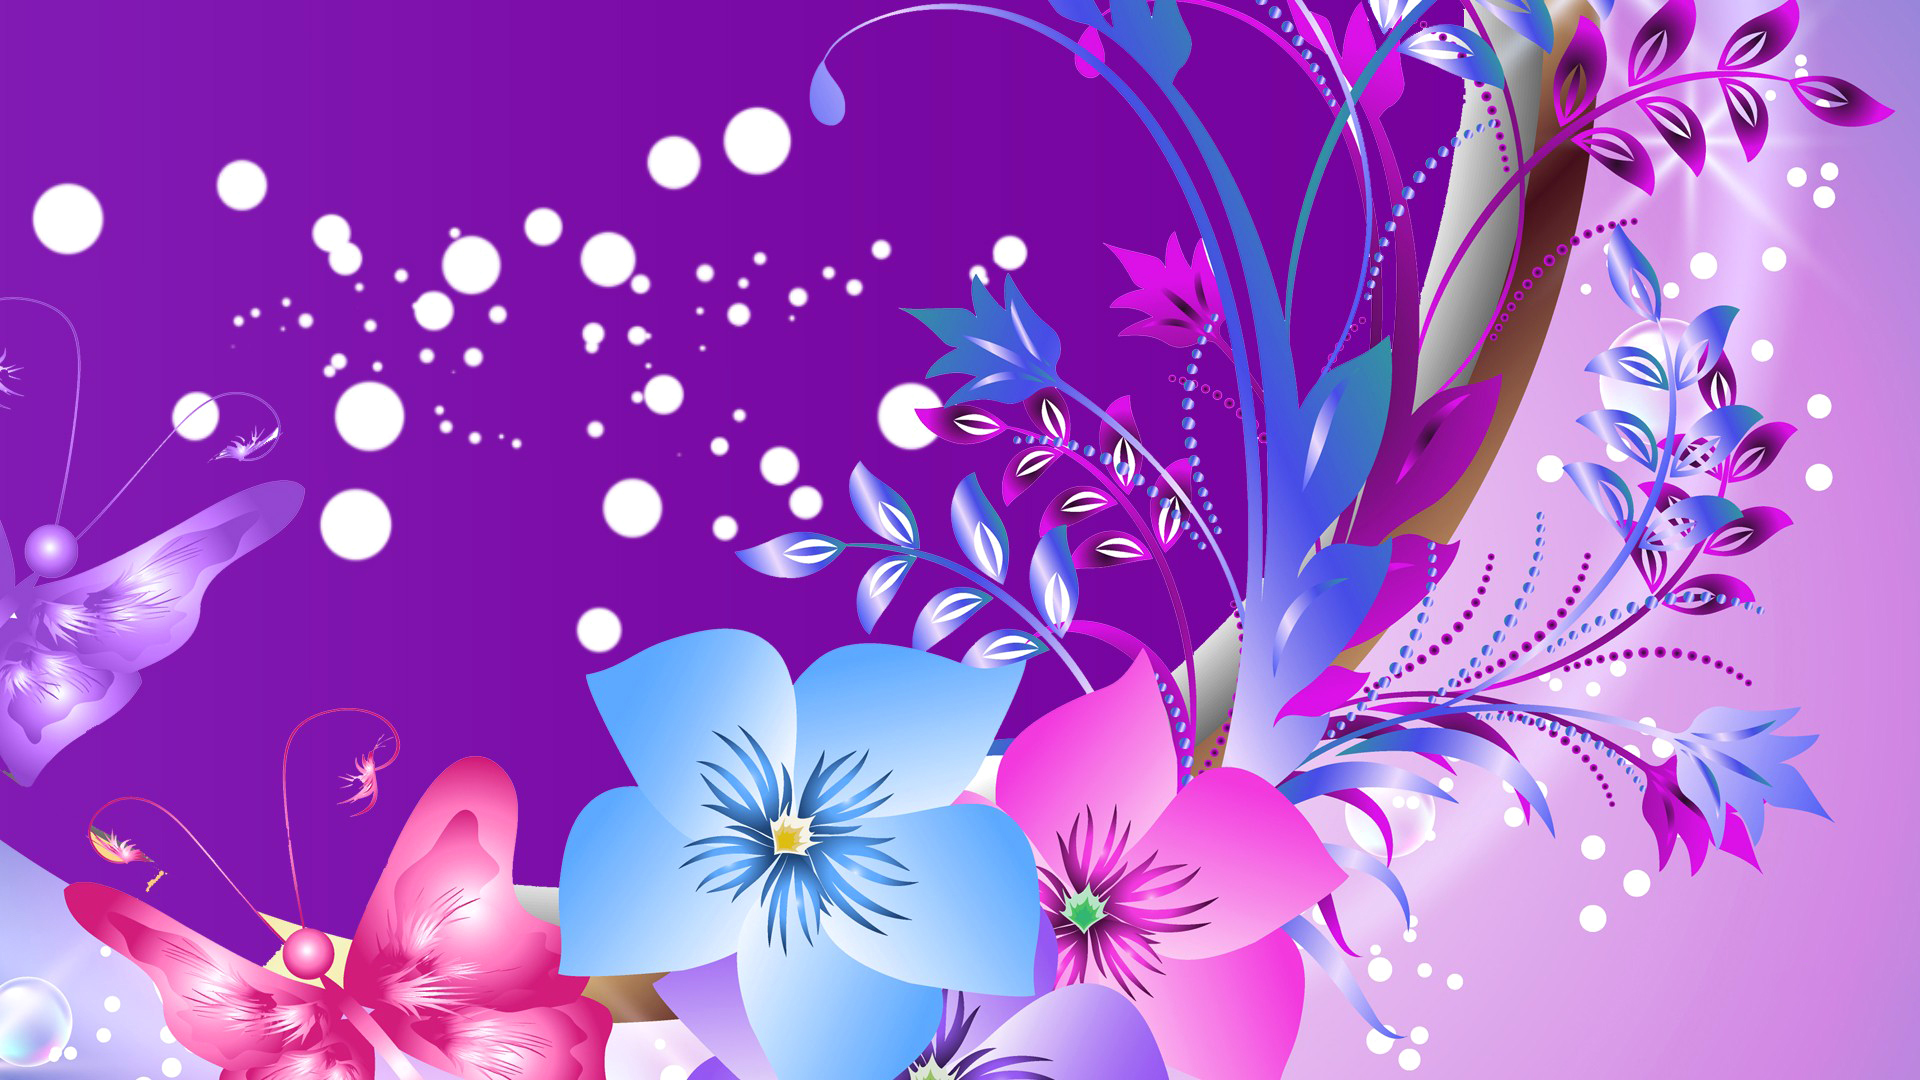 Красивые картинки с цветами для афиши целью